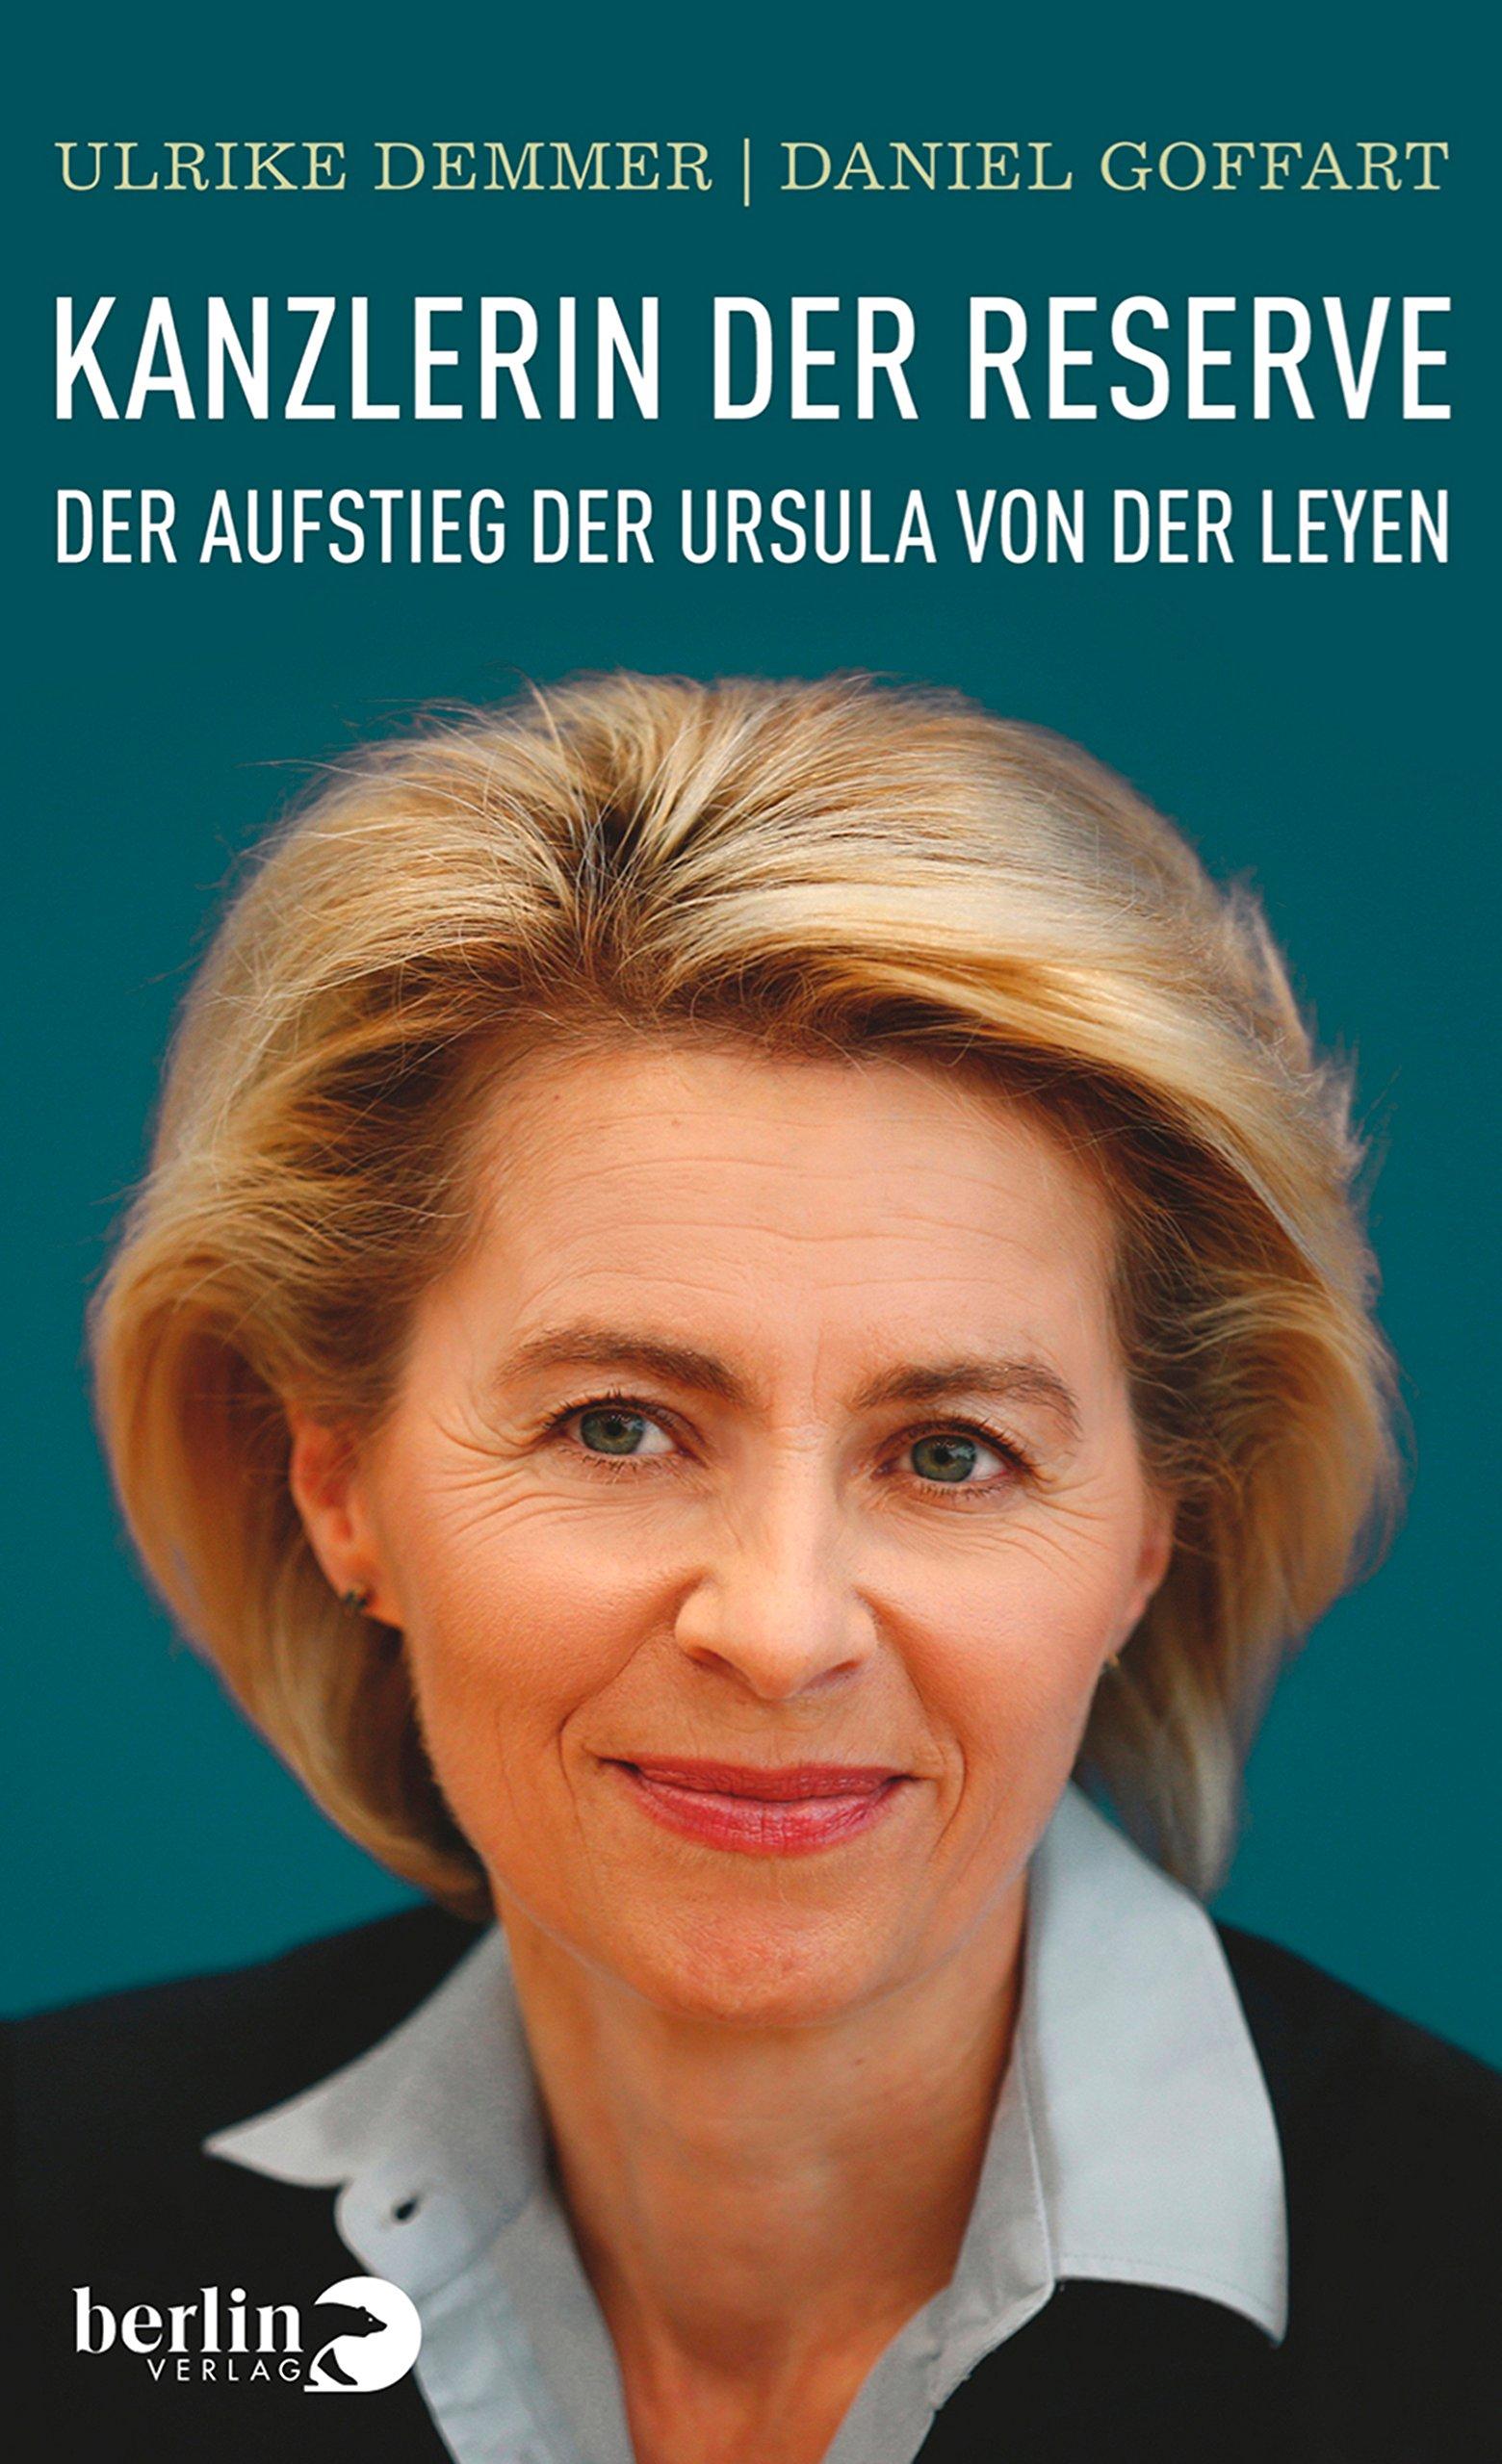 Kanzlerin der Reserve: Der Aufstieg der Ursula von der Leyen